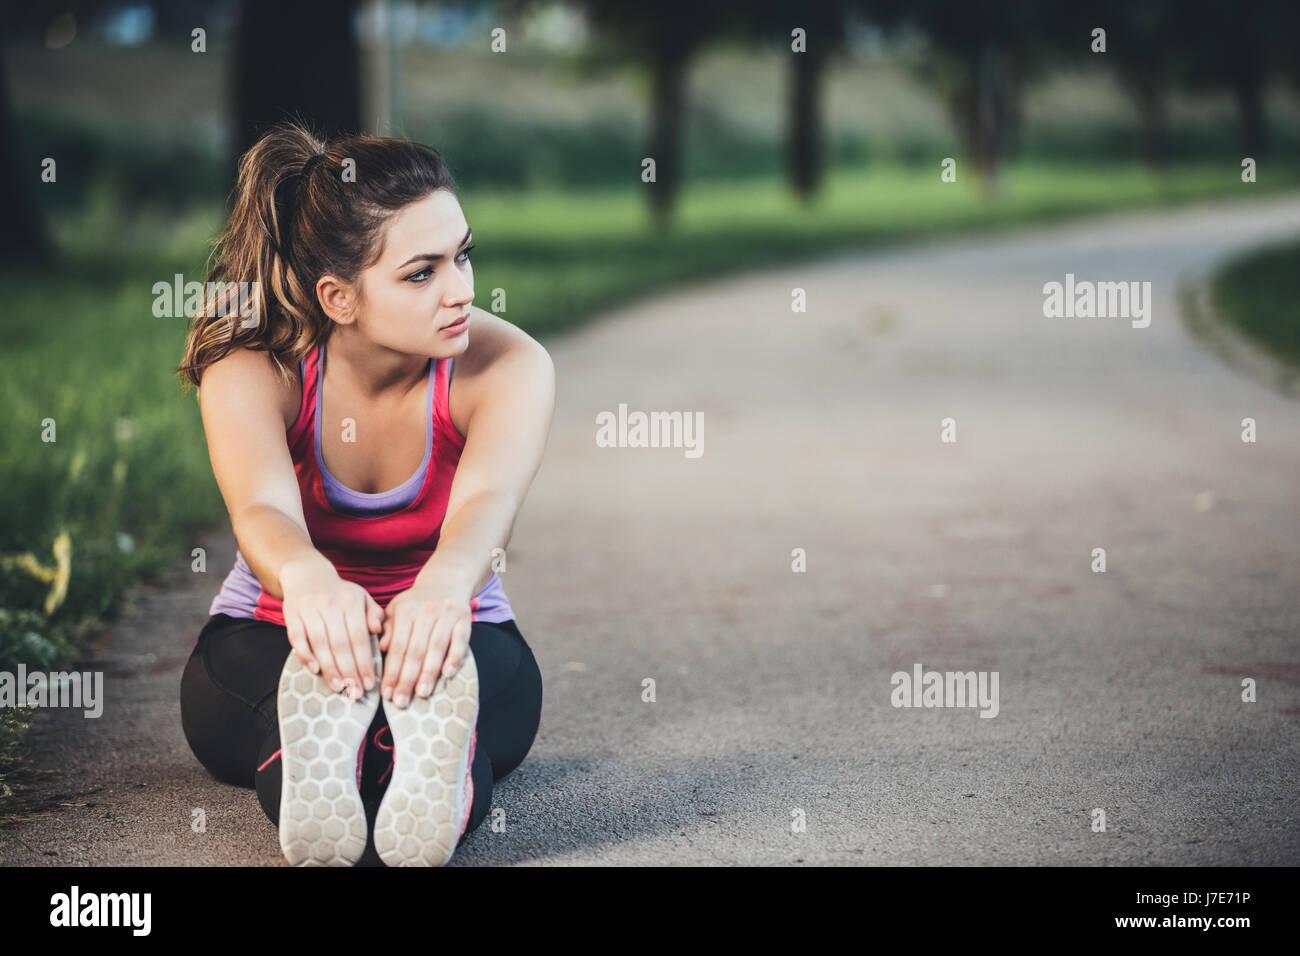 Femme est les étirements avant le jogging. Concept de vie et de remise en forme. Photo Stock